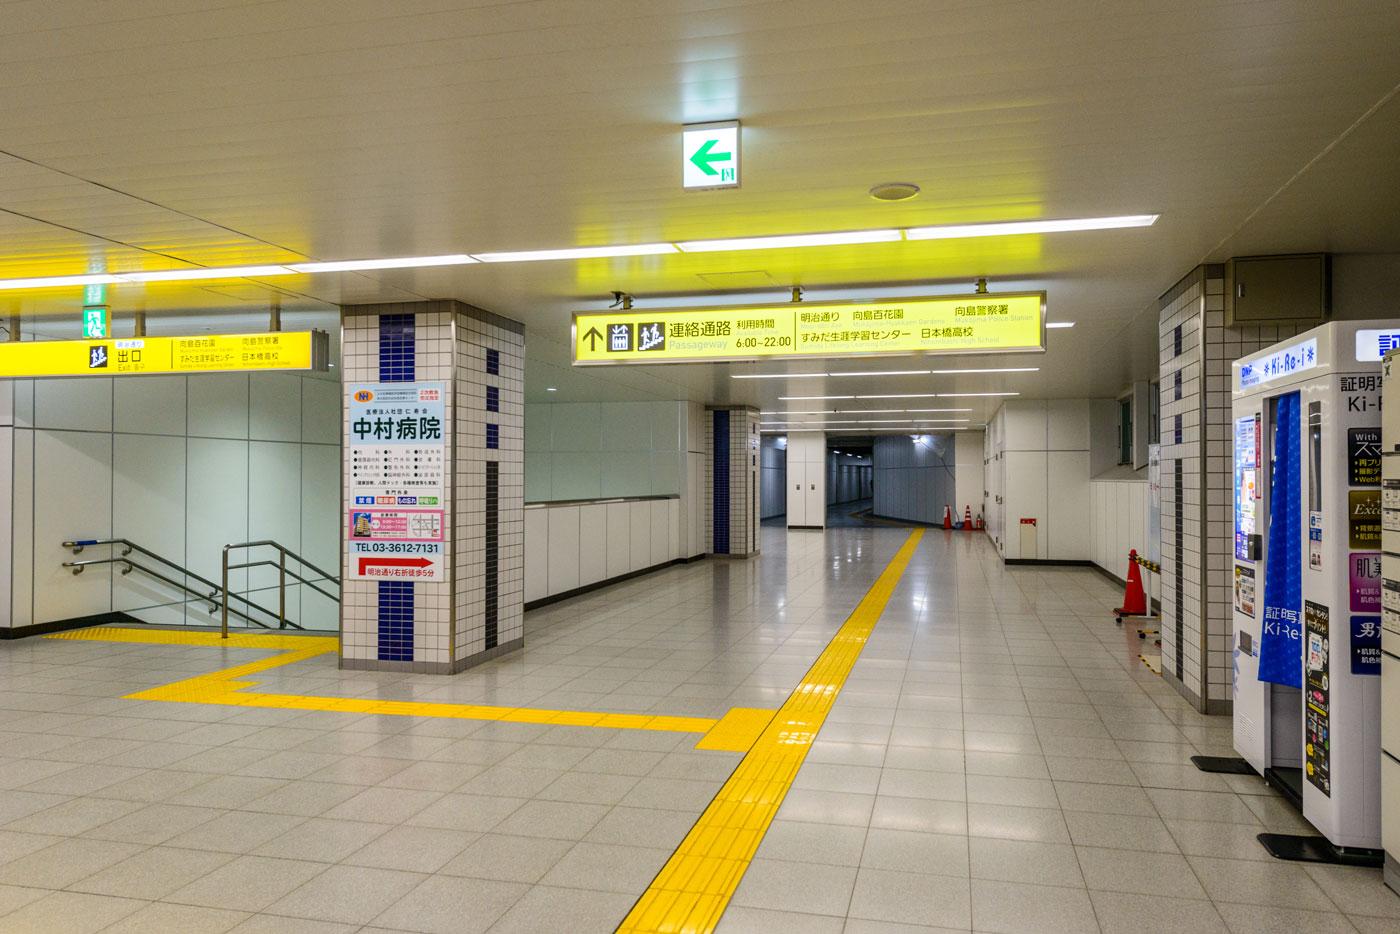 整備された「京成曳舟」駅構内2(徒歩5分)」